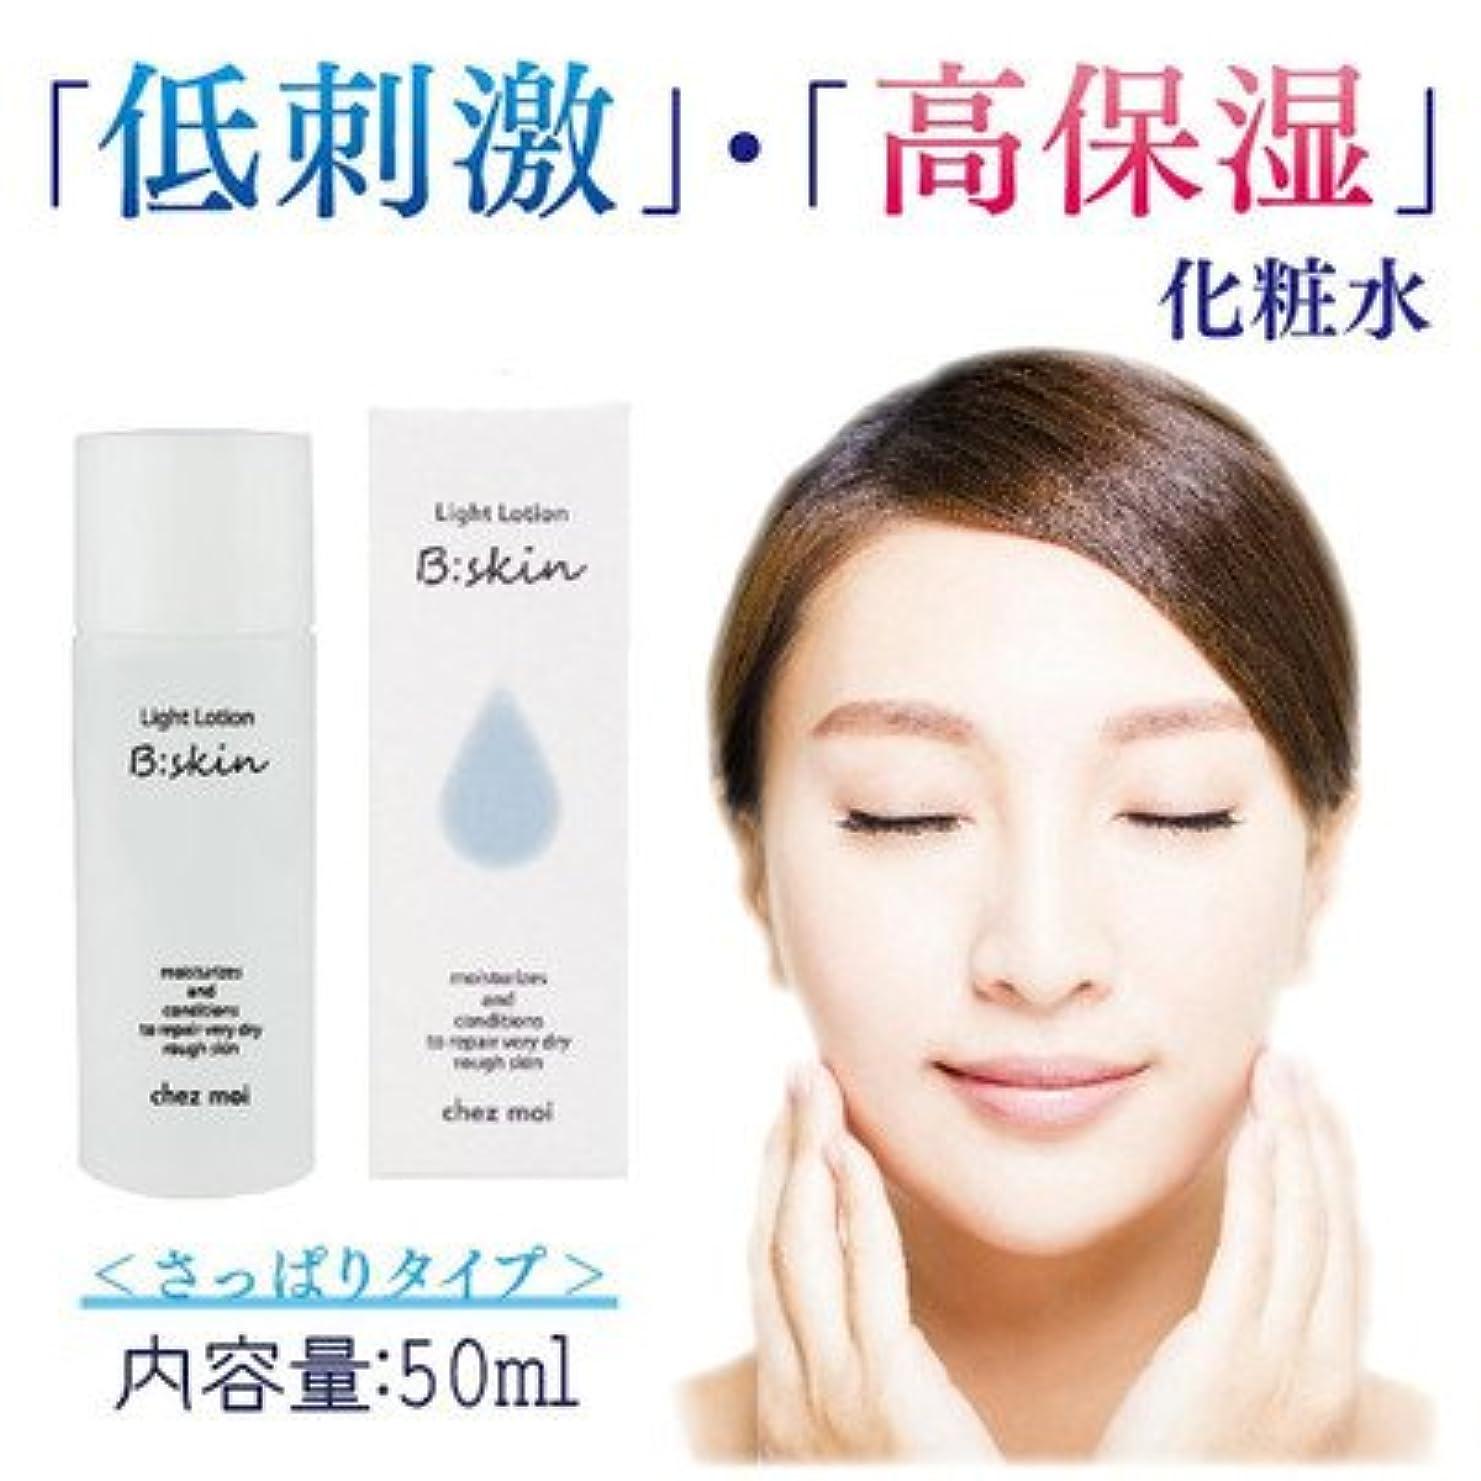 贈り物忠実にカロリー低刺激 高保湿 さっぱりタイプの化粧水 B:skin ビースキン Light Lotion ライトローション さっぱりタイプ 化粧水 50mL